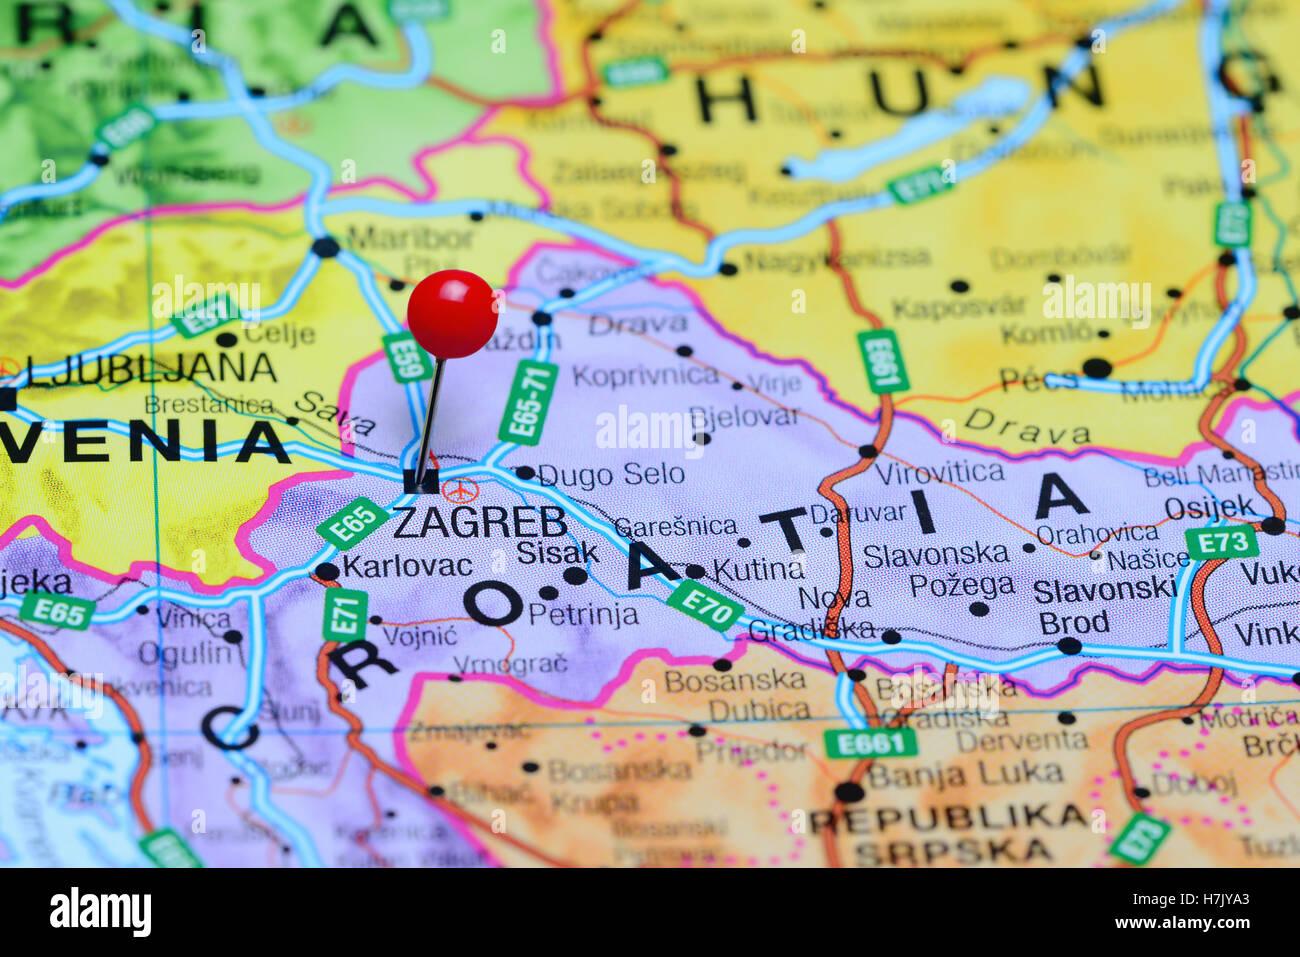 Zagreb Anclado En Un Mapa De Croacia Foto Imagen De Stock